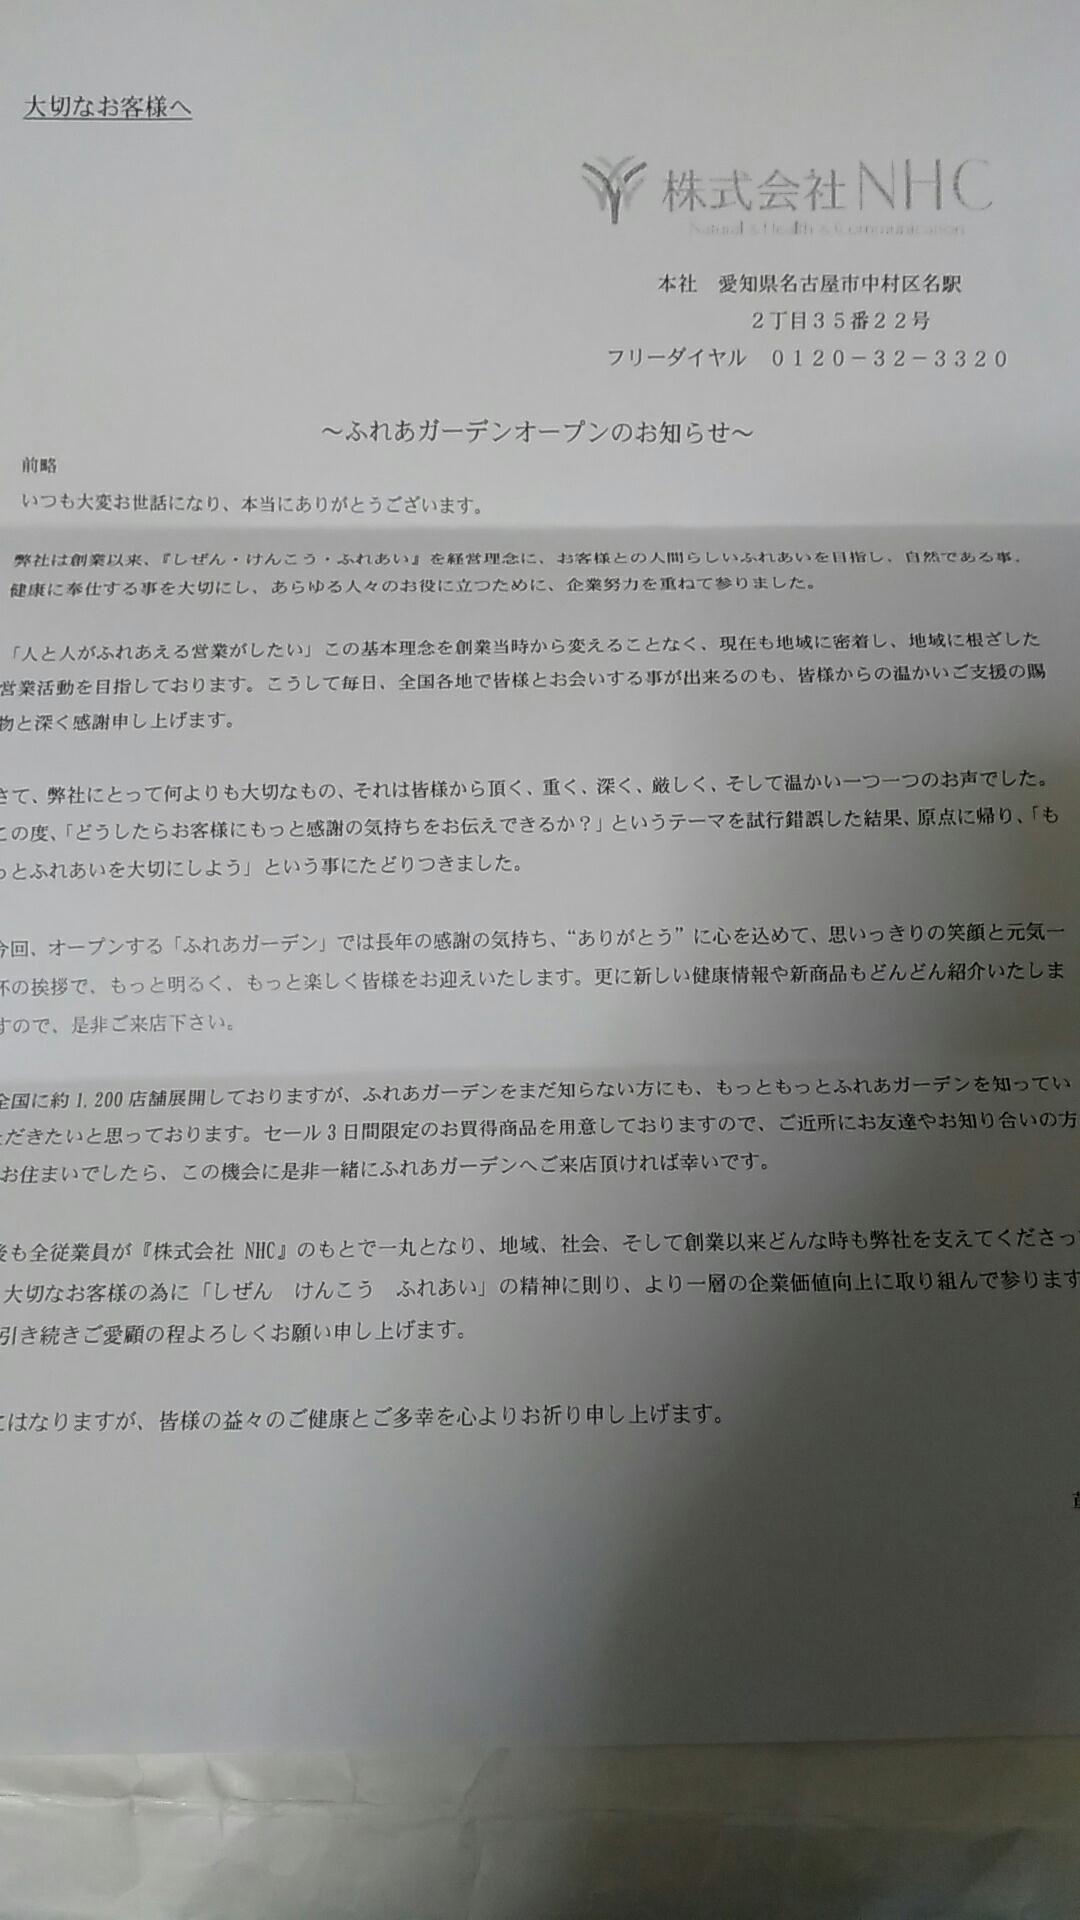 会社 ガーデン ふれ 株式 nhc あ